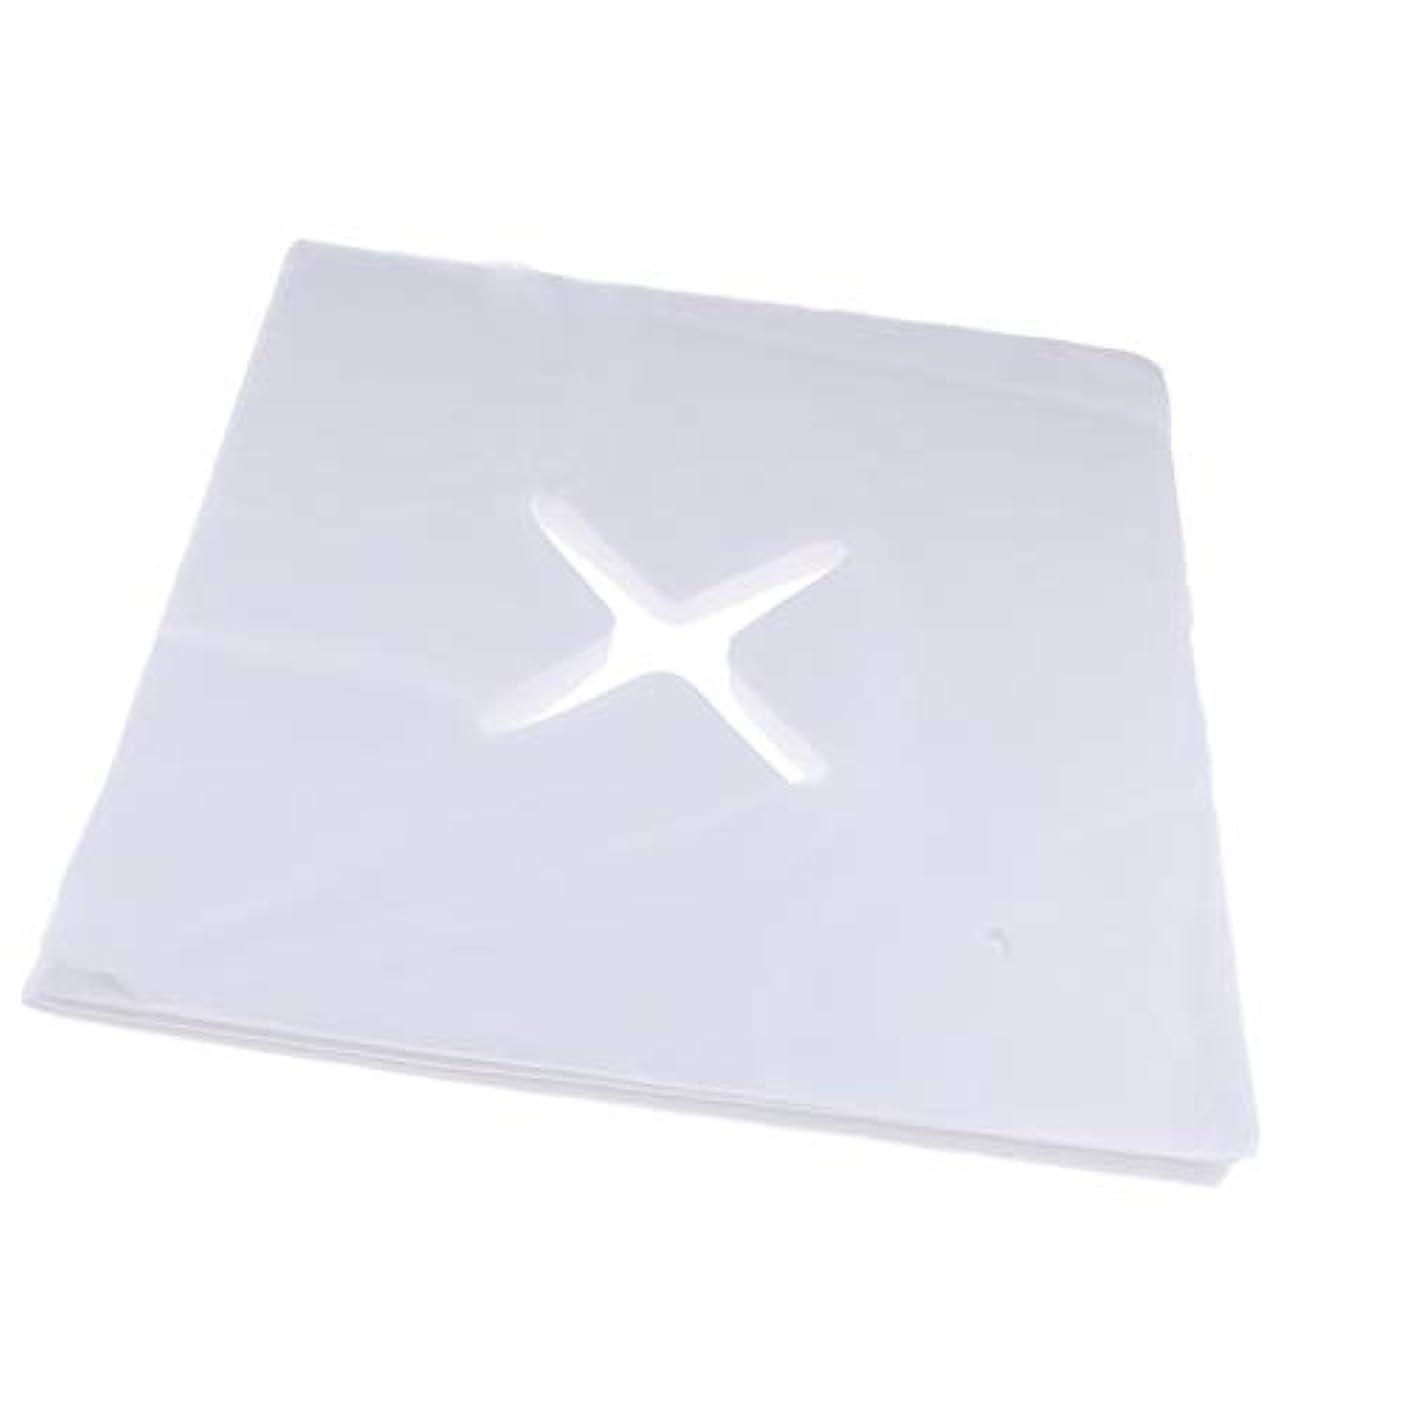 ユーモア上に築きますプログラムPerfeclan 約200枚 ピローシート 十字カット 使い捨て フェイスカバー 不織布PP クッション S/M - S